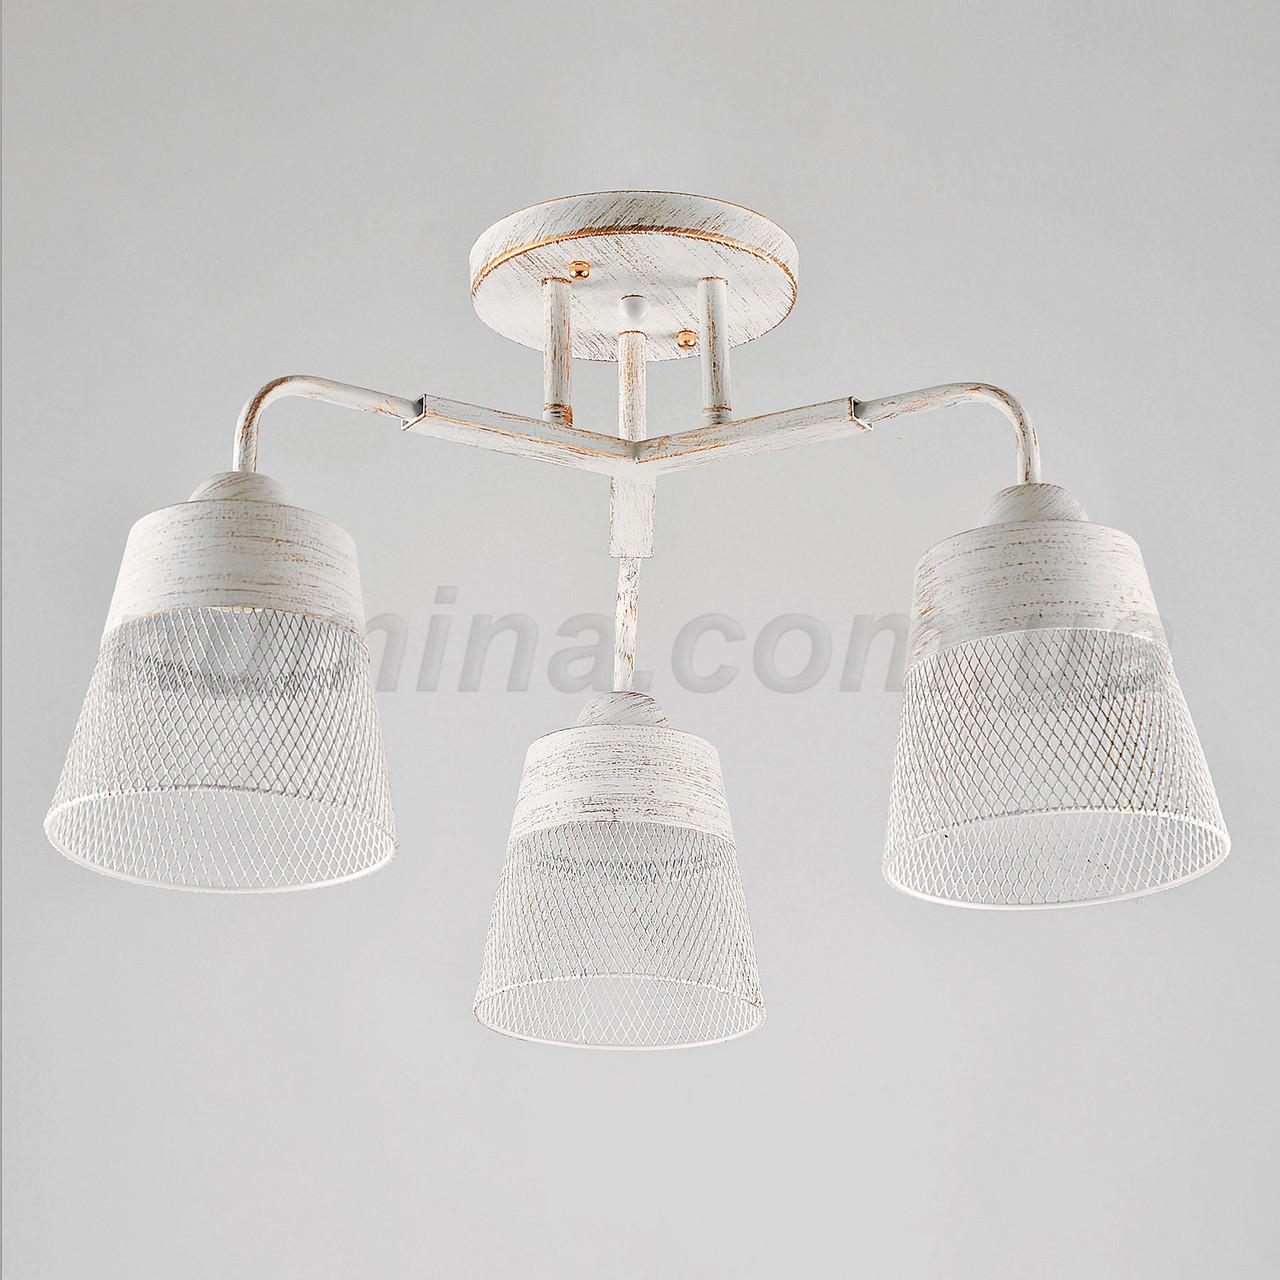 Люстра потолочная на три лампы 14-1218/3 WG